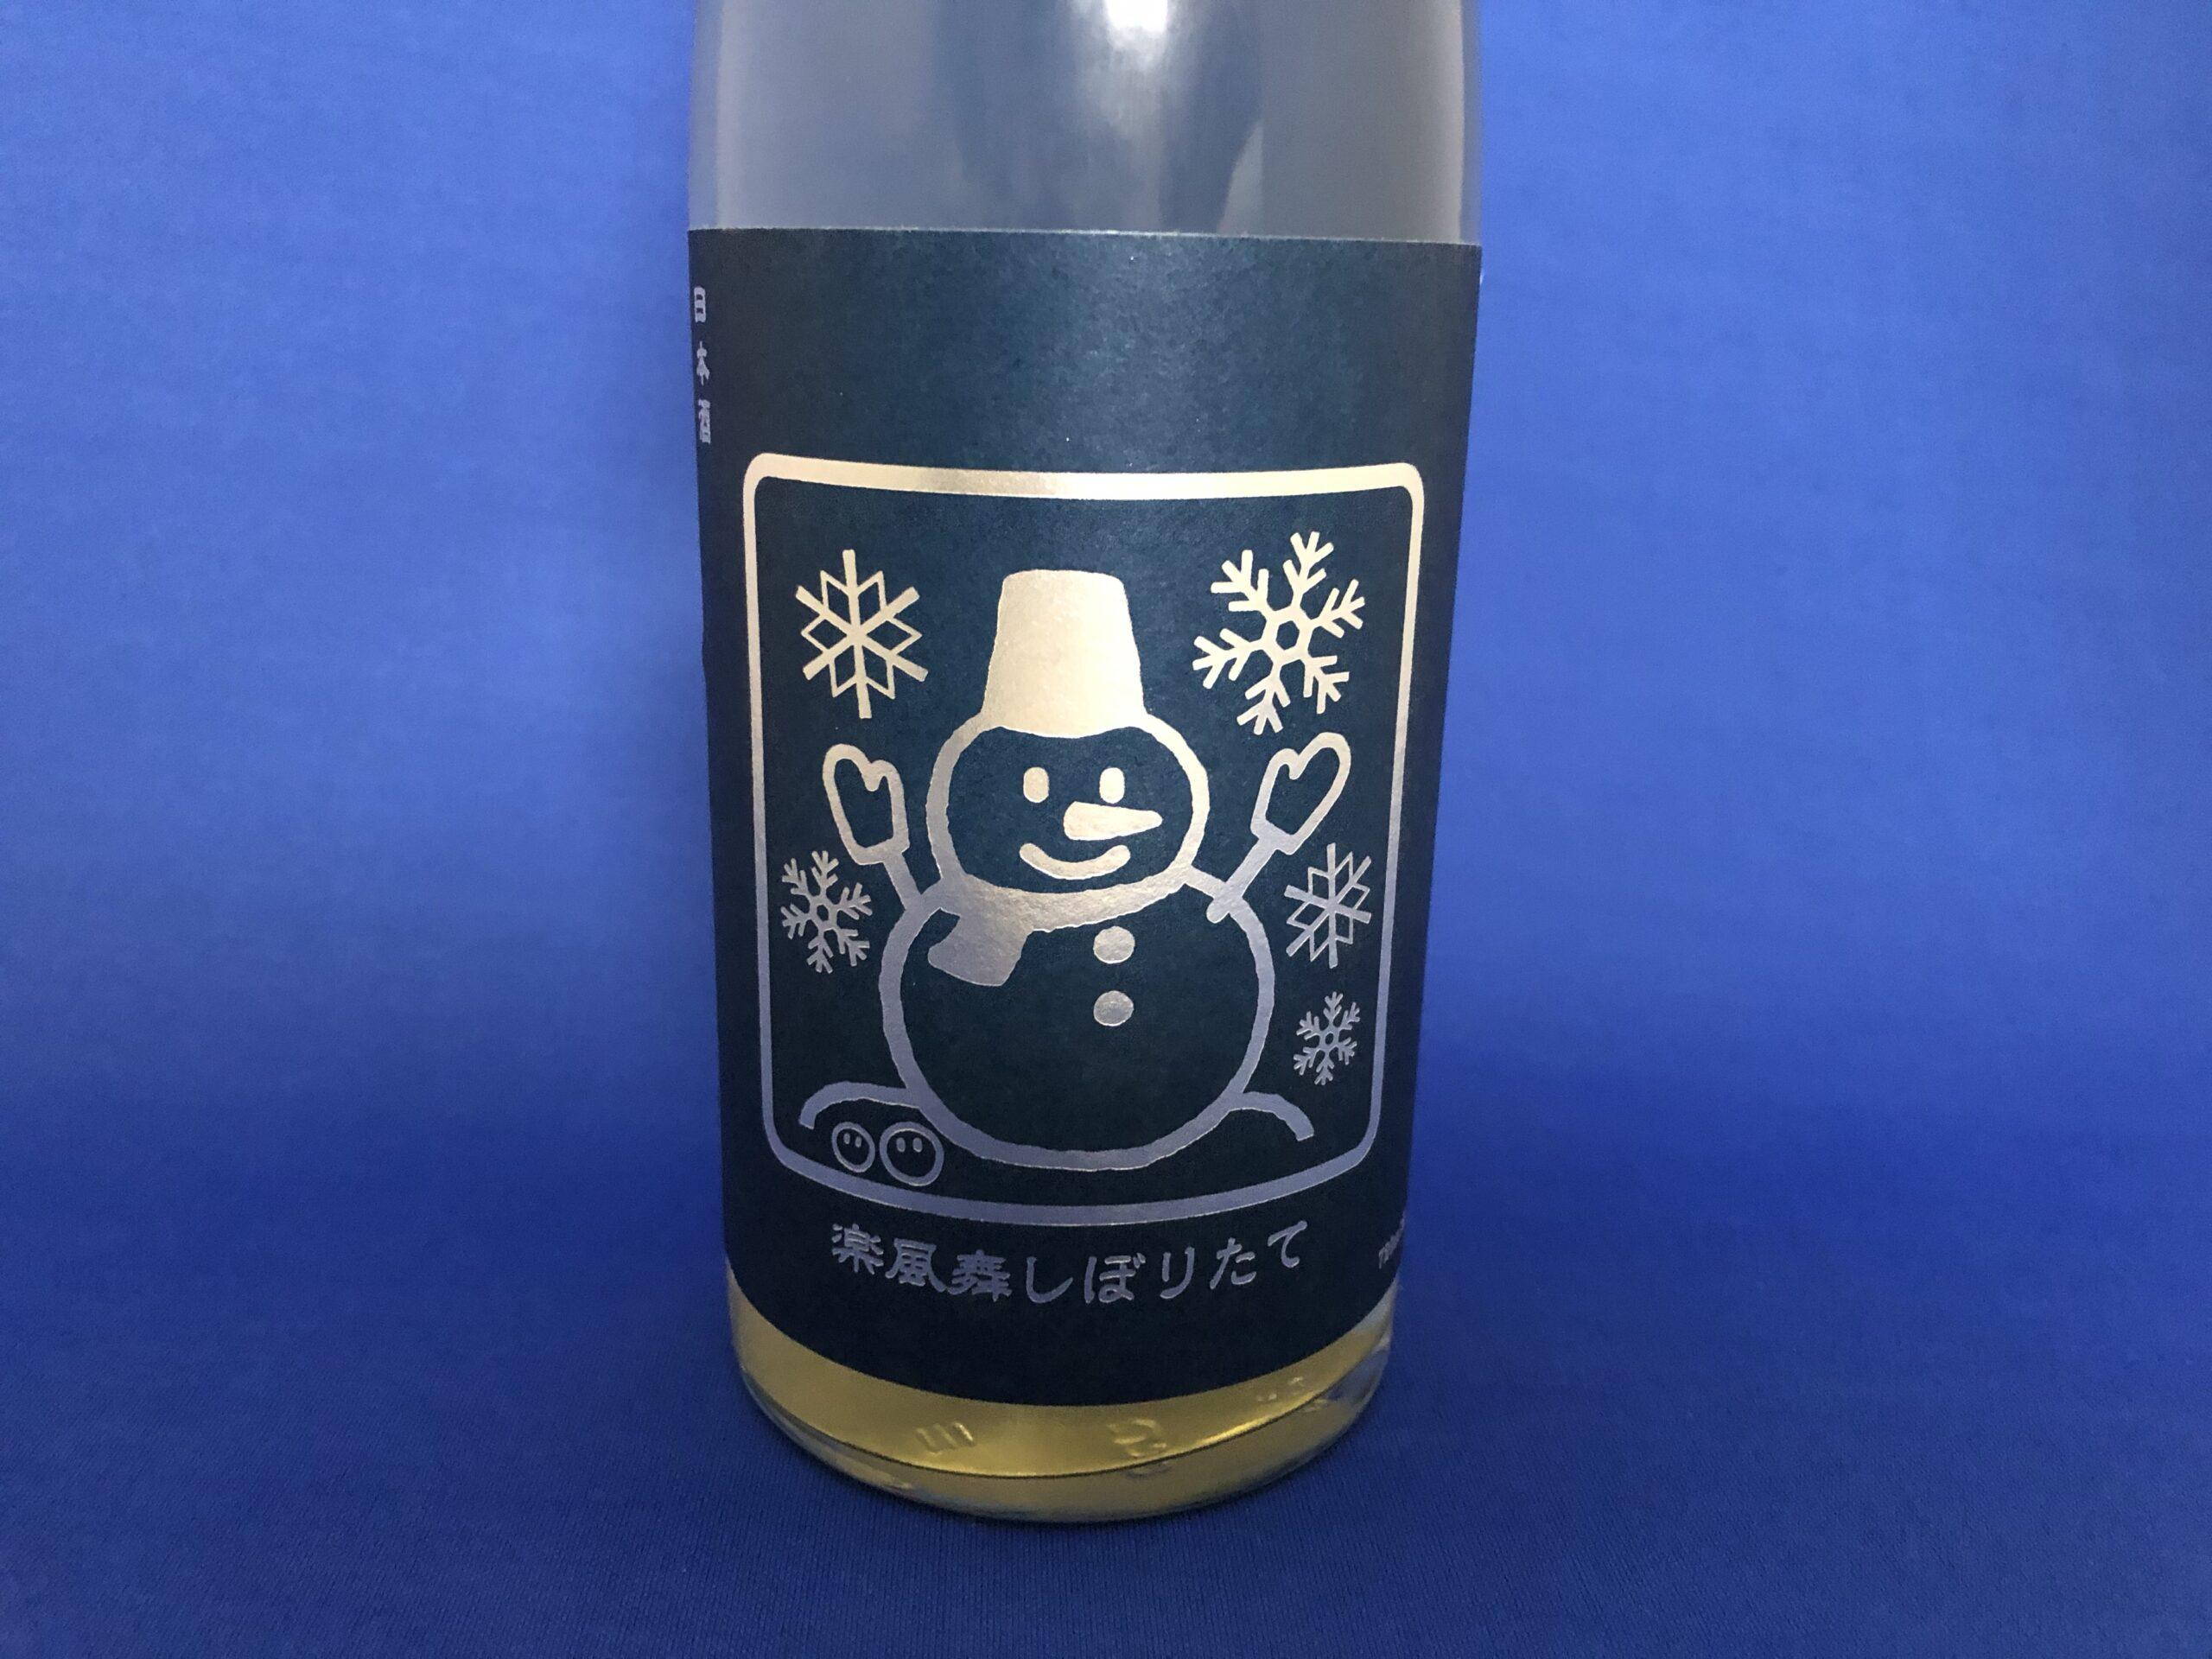 海老名の地酒「楽風舞しぼりたて」 とんぼの越冬卵と雪だるま